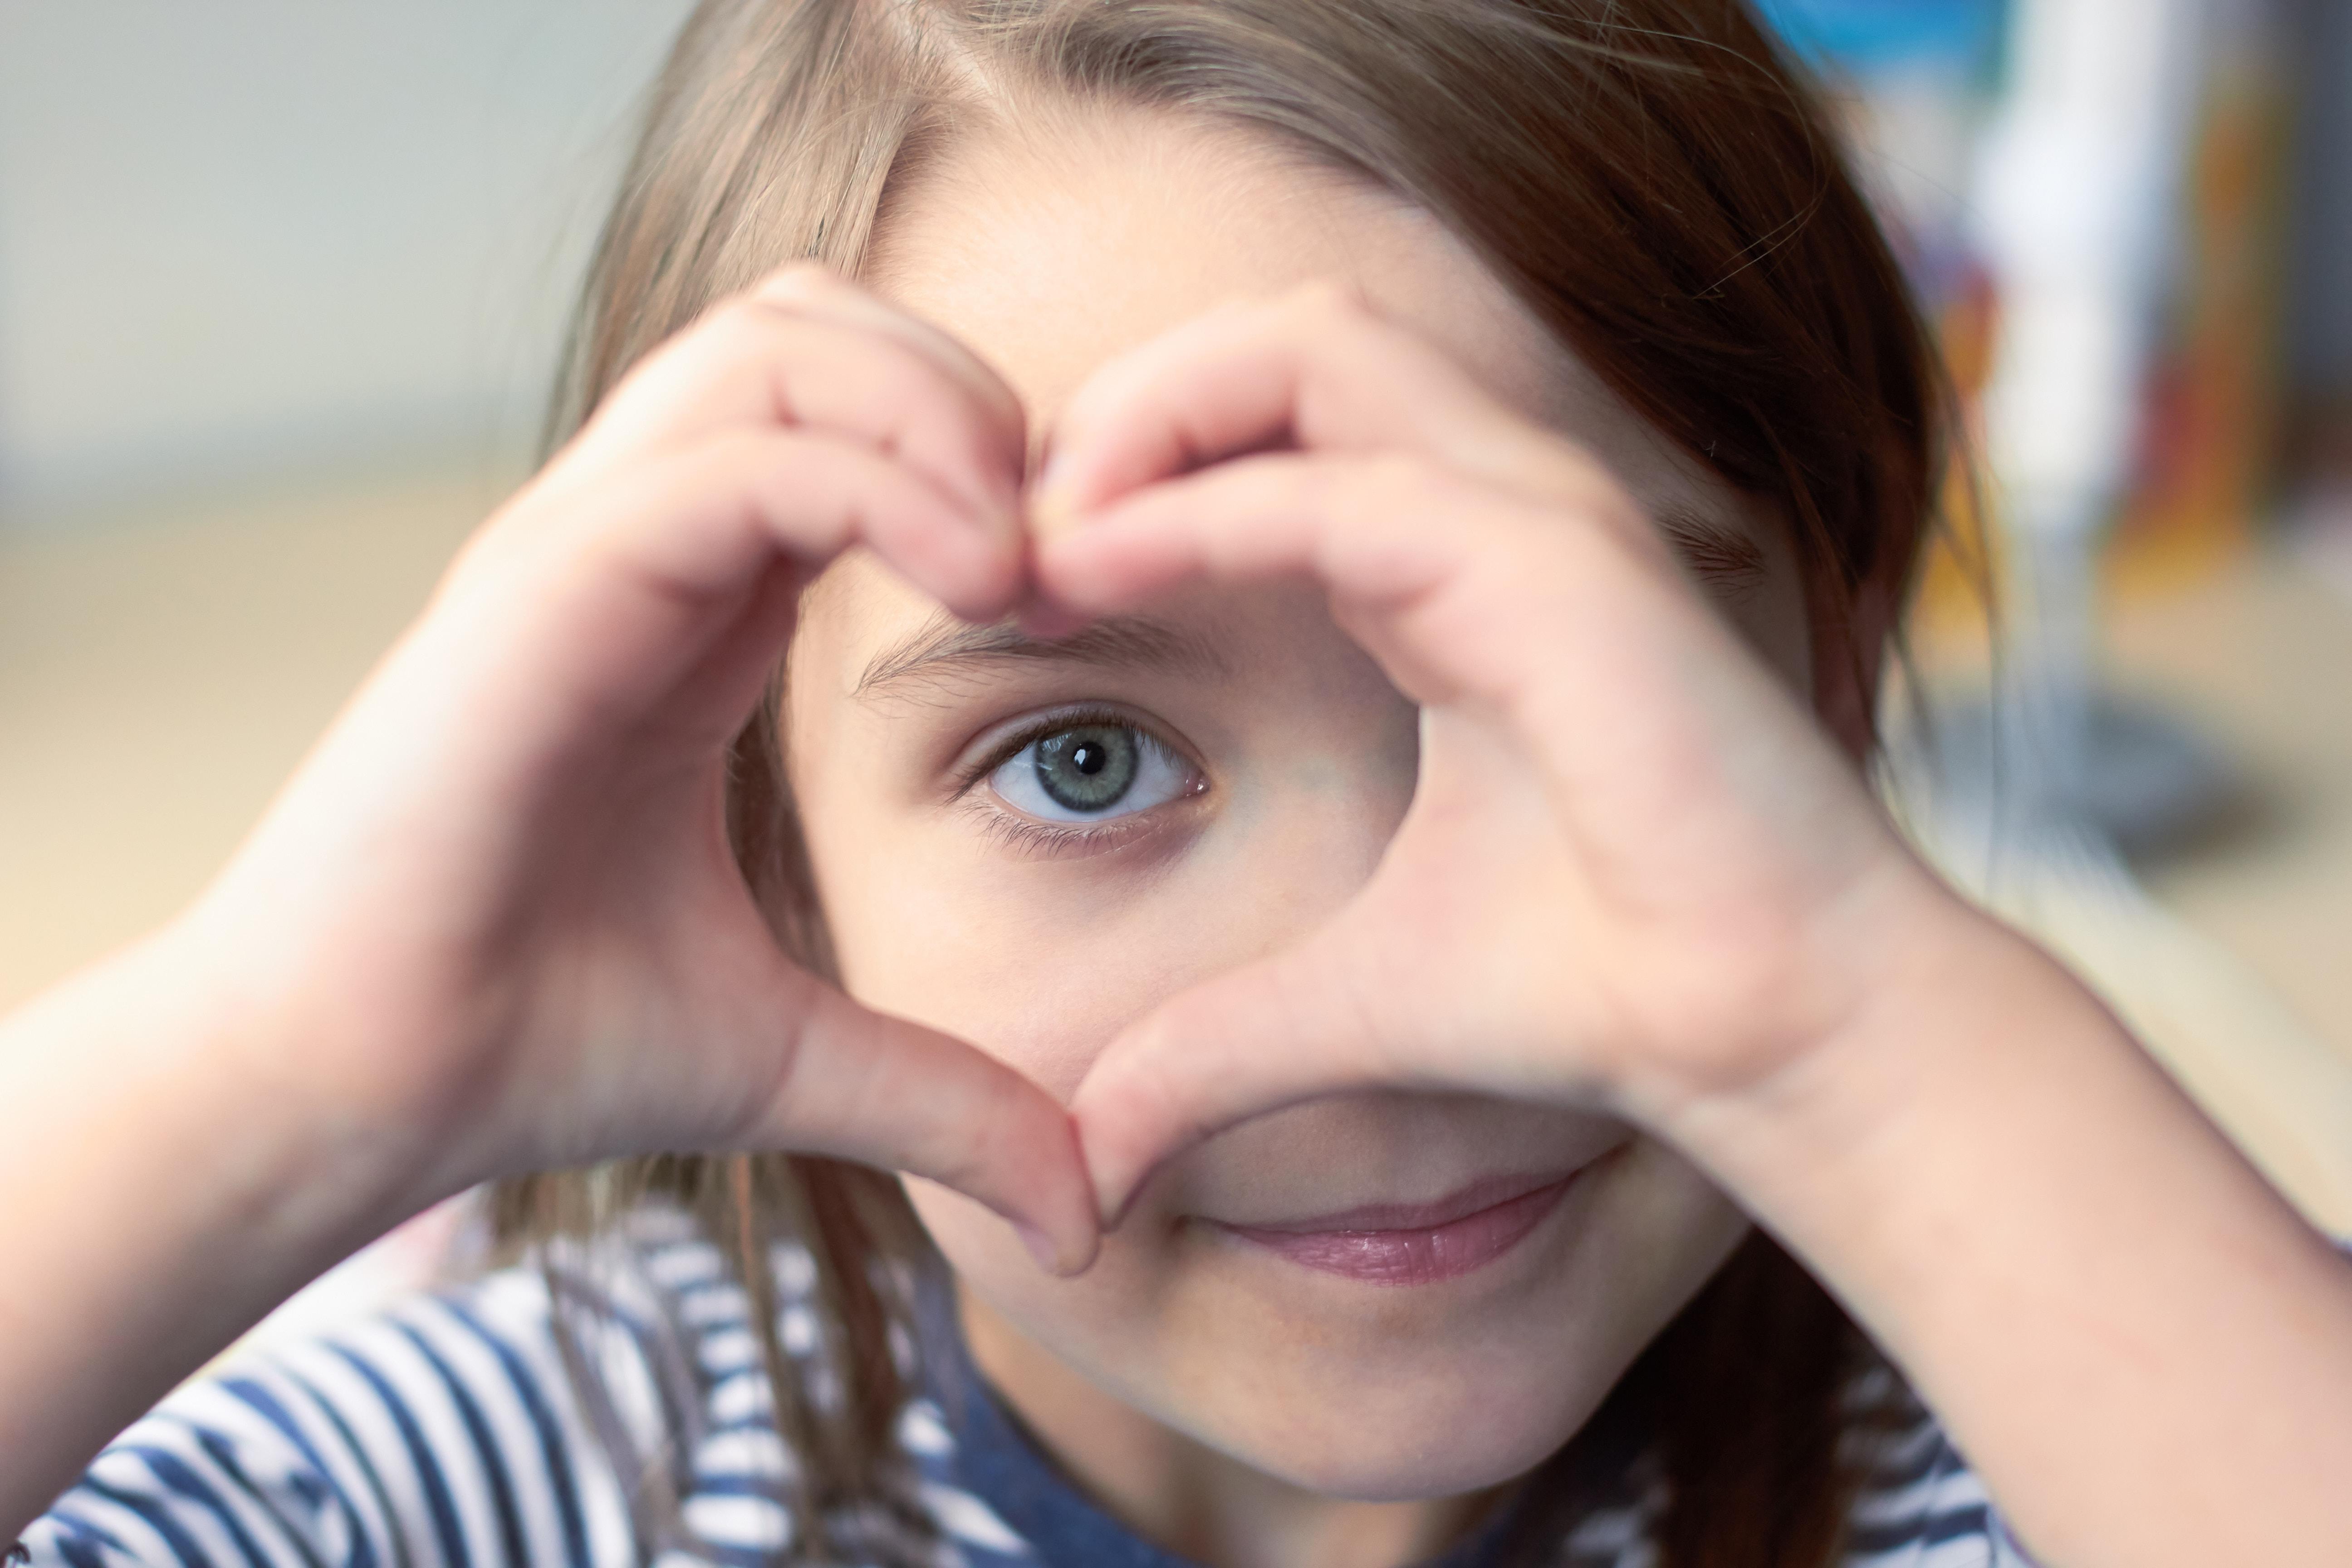 enfant faisant un coeur avec ses mains